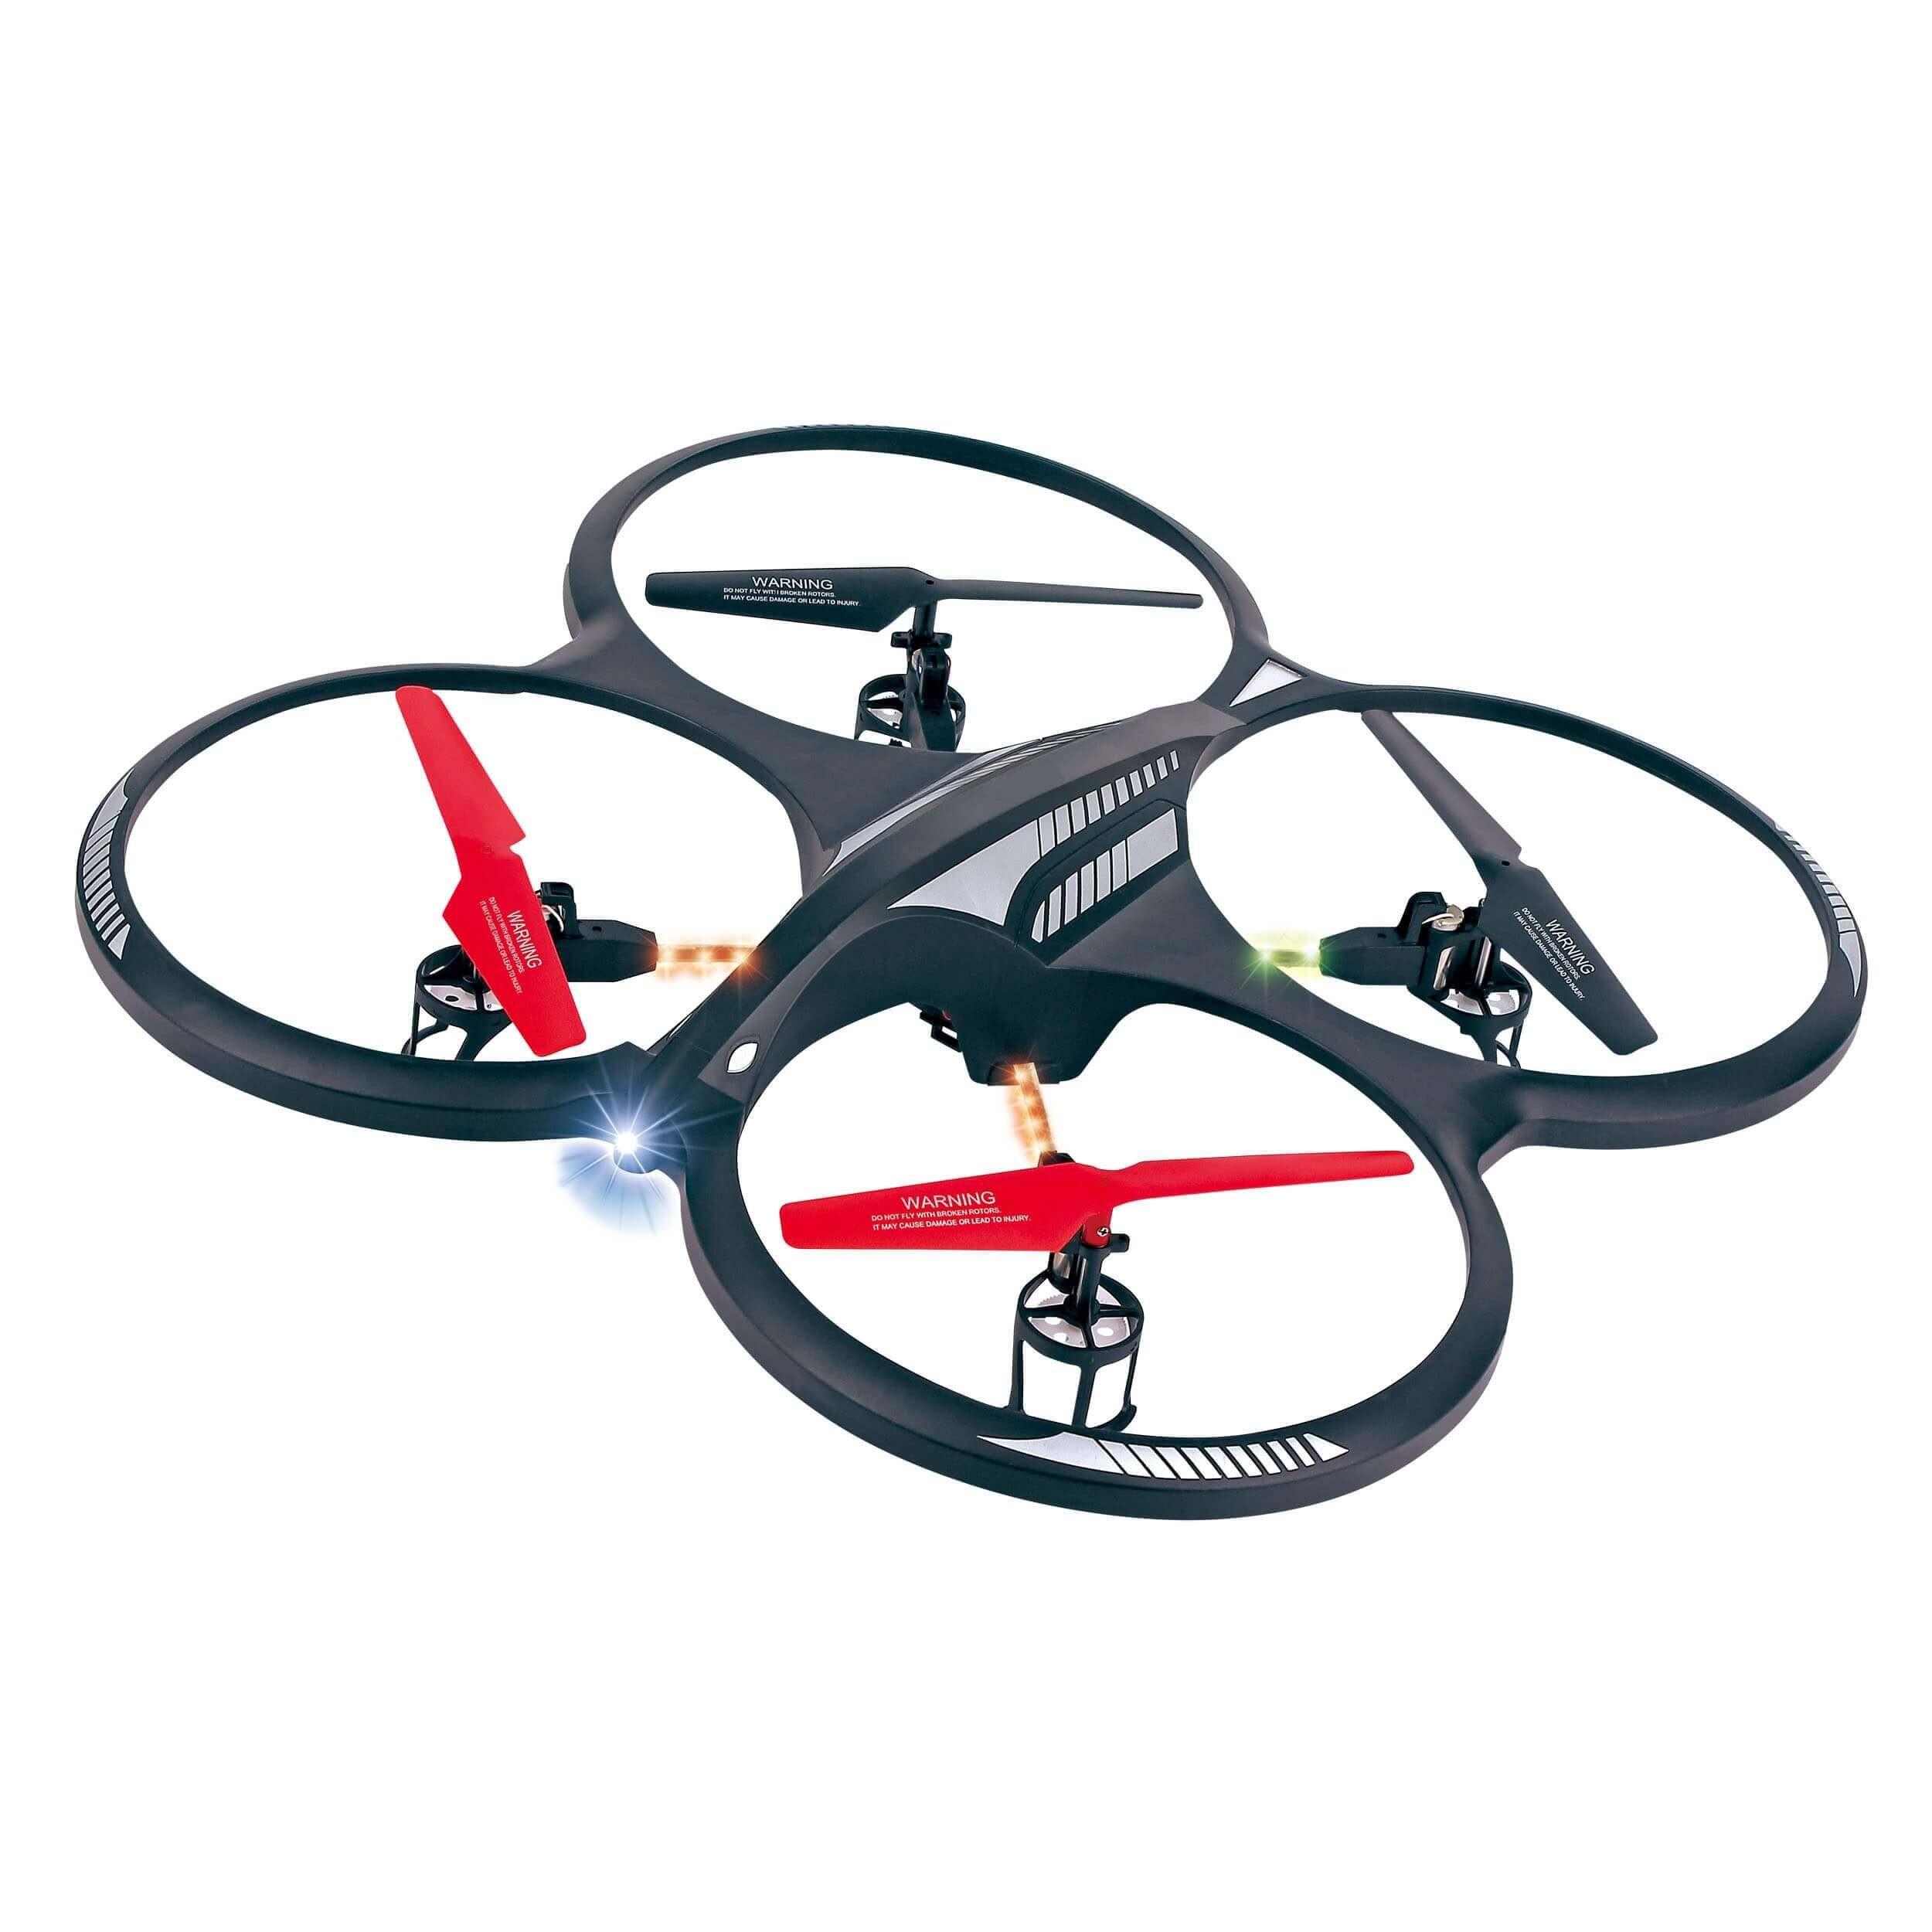 Ansmann X-Drone XL RtF